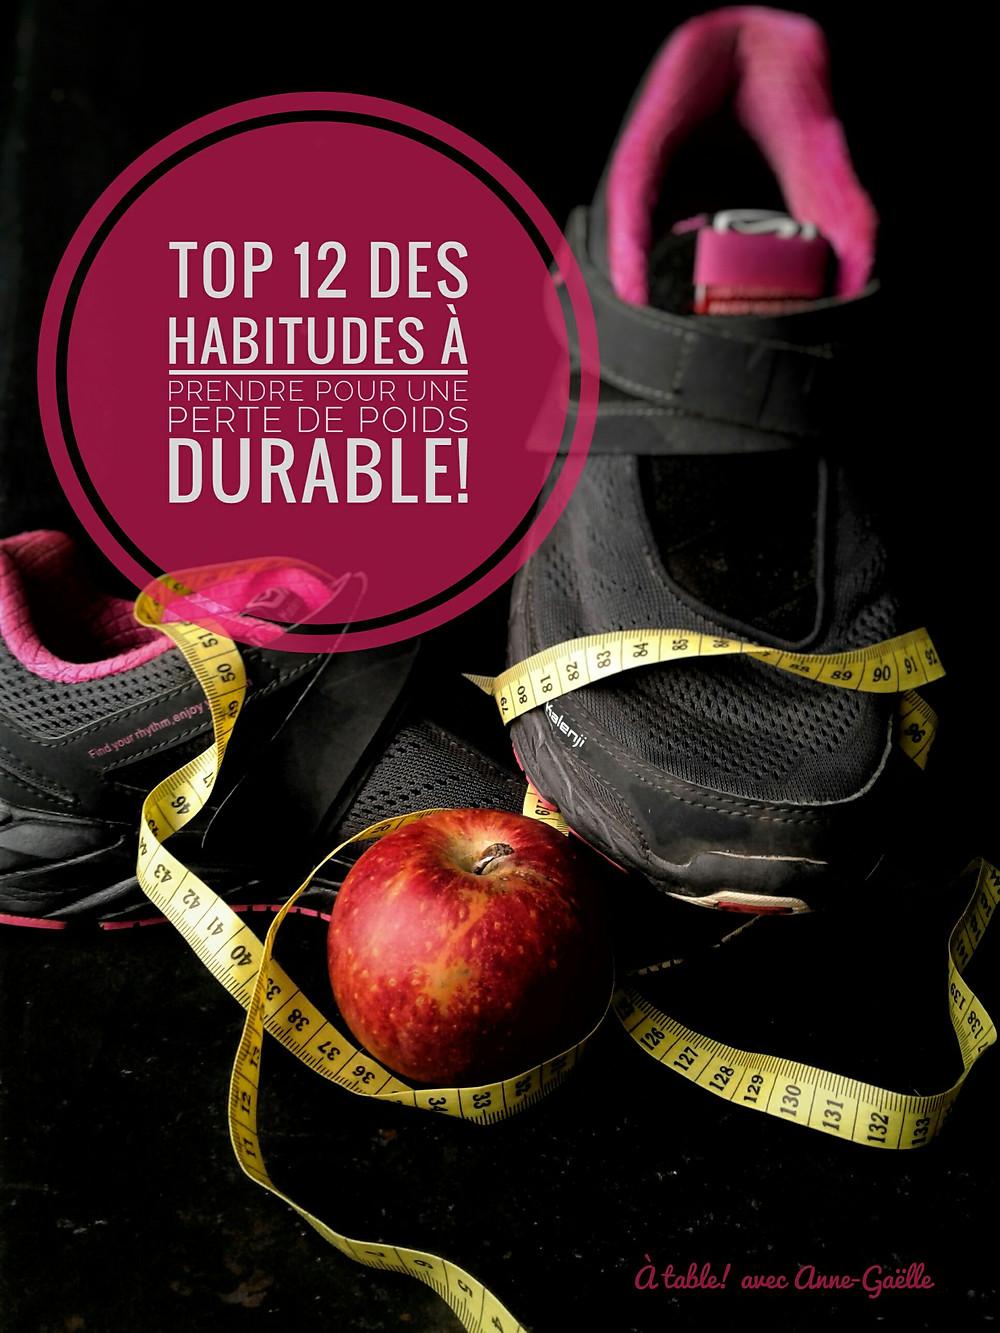 Chaussures de sport, pomme, mètre ruban, symboles de nouvelles habitudes pour perdre du poids.